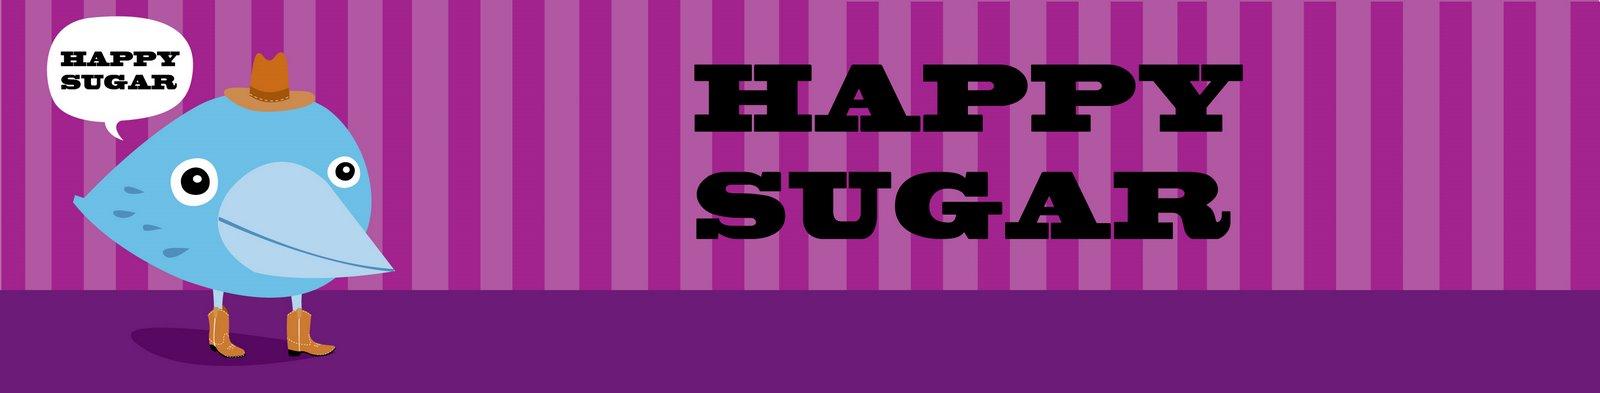 HAPPY SUGAR